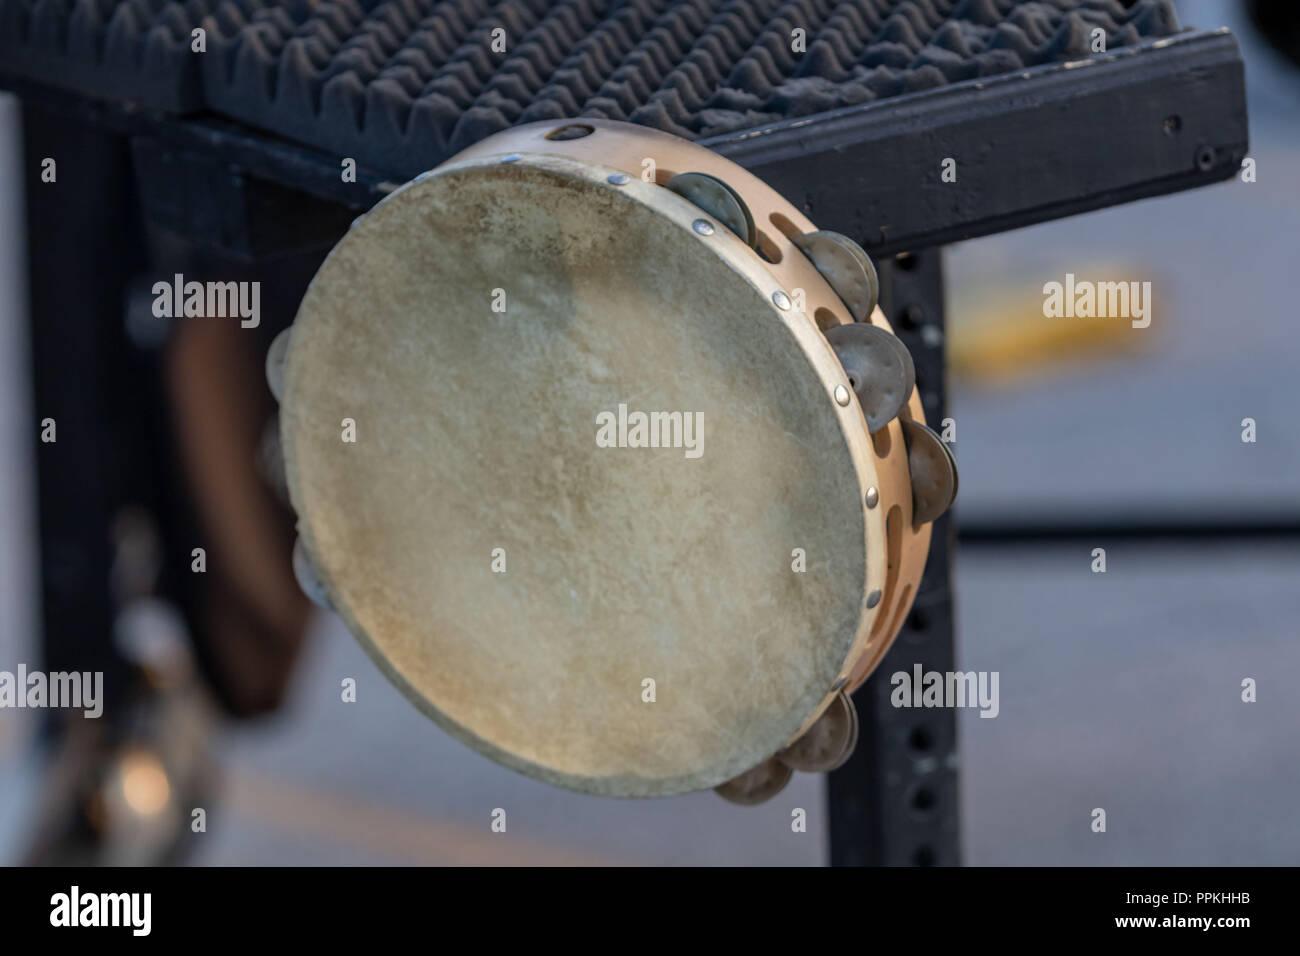 Le tambourin n'est habituellement pas un outil de la percussionniste sideline Photo Stock